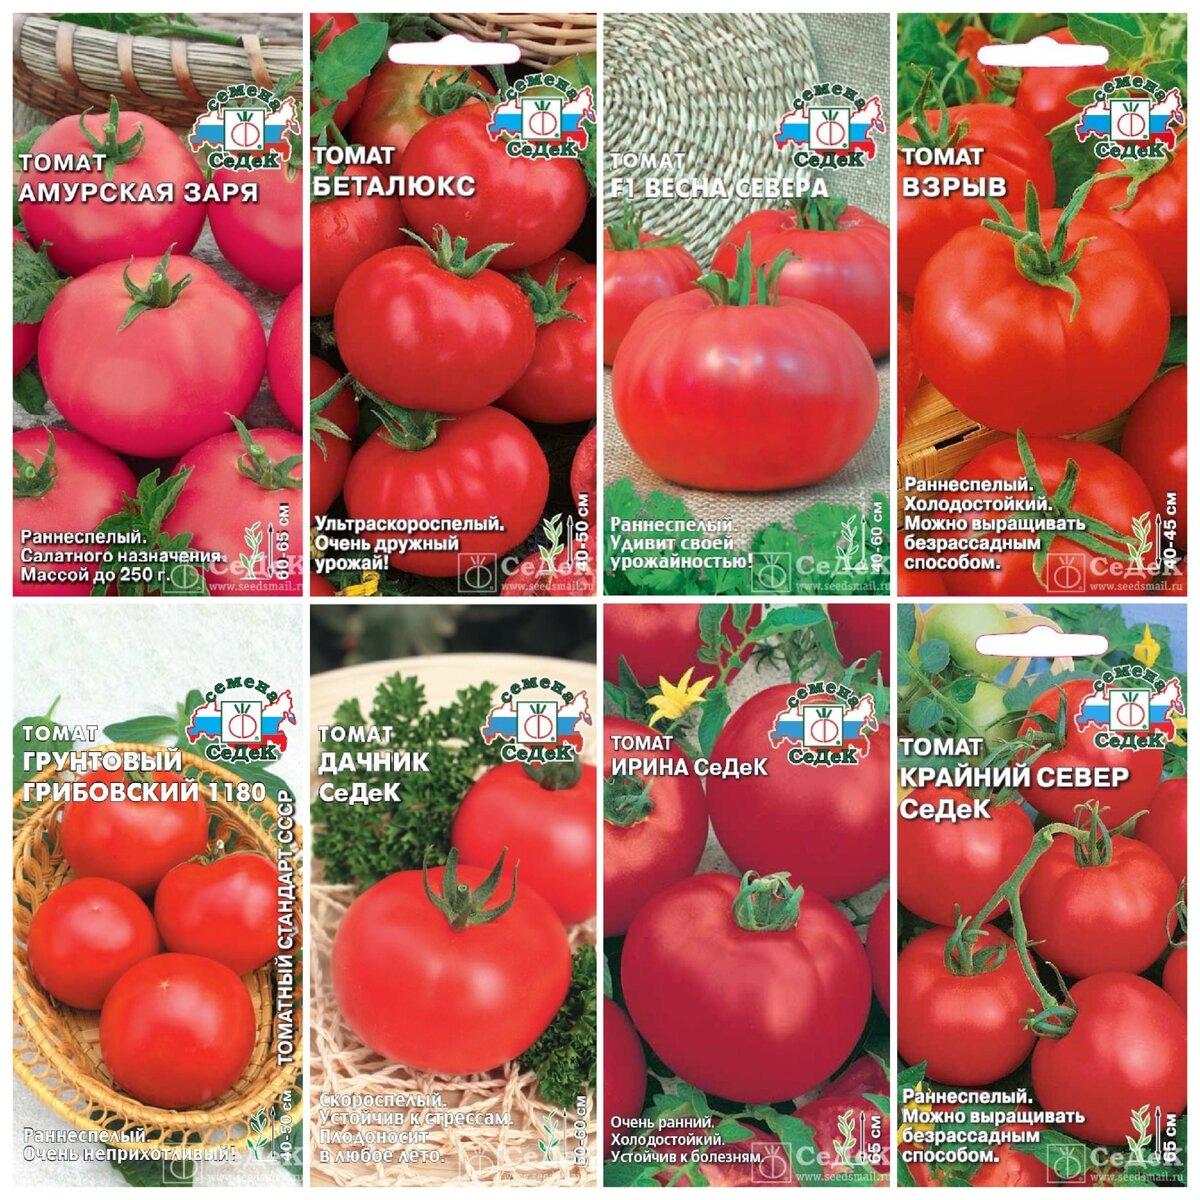 Раннеспелый томат «самара»: описание сорта и фото